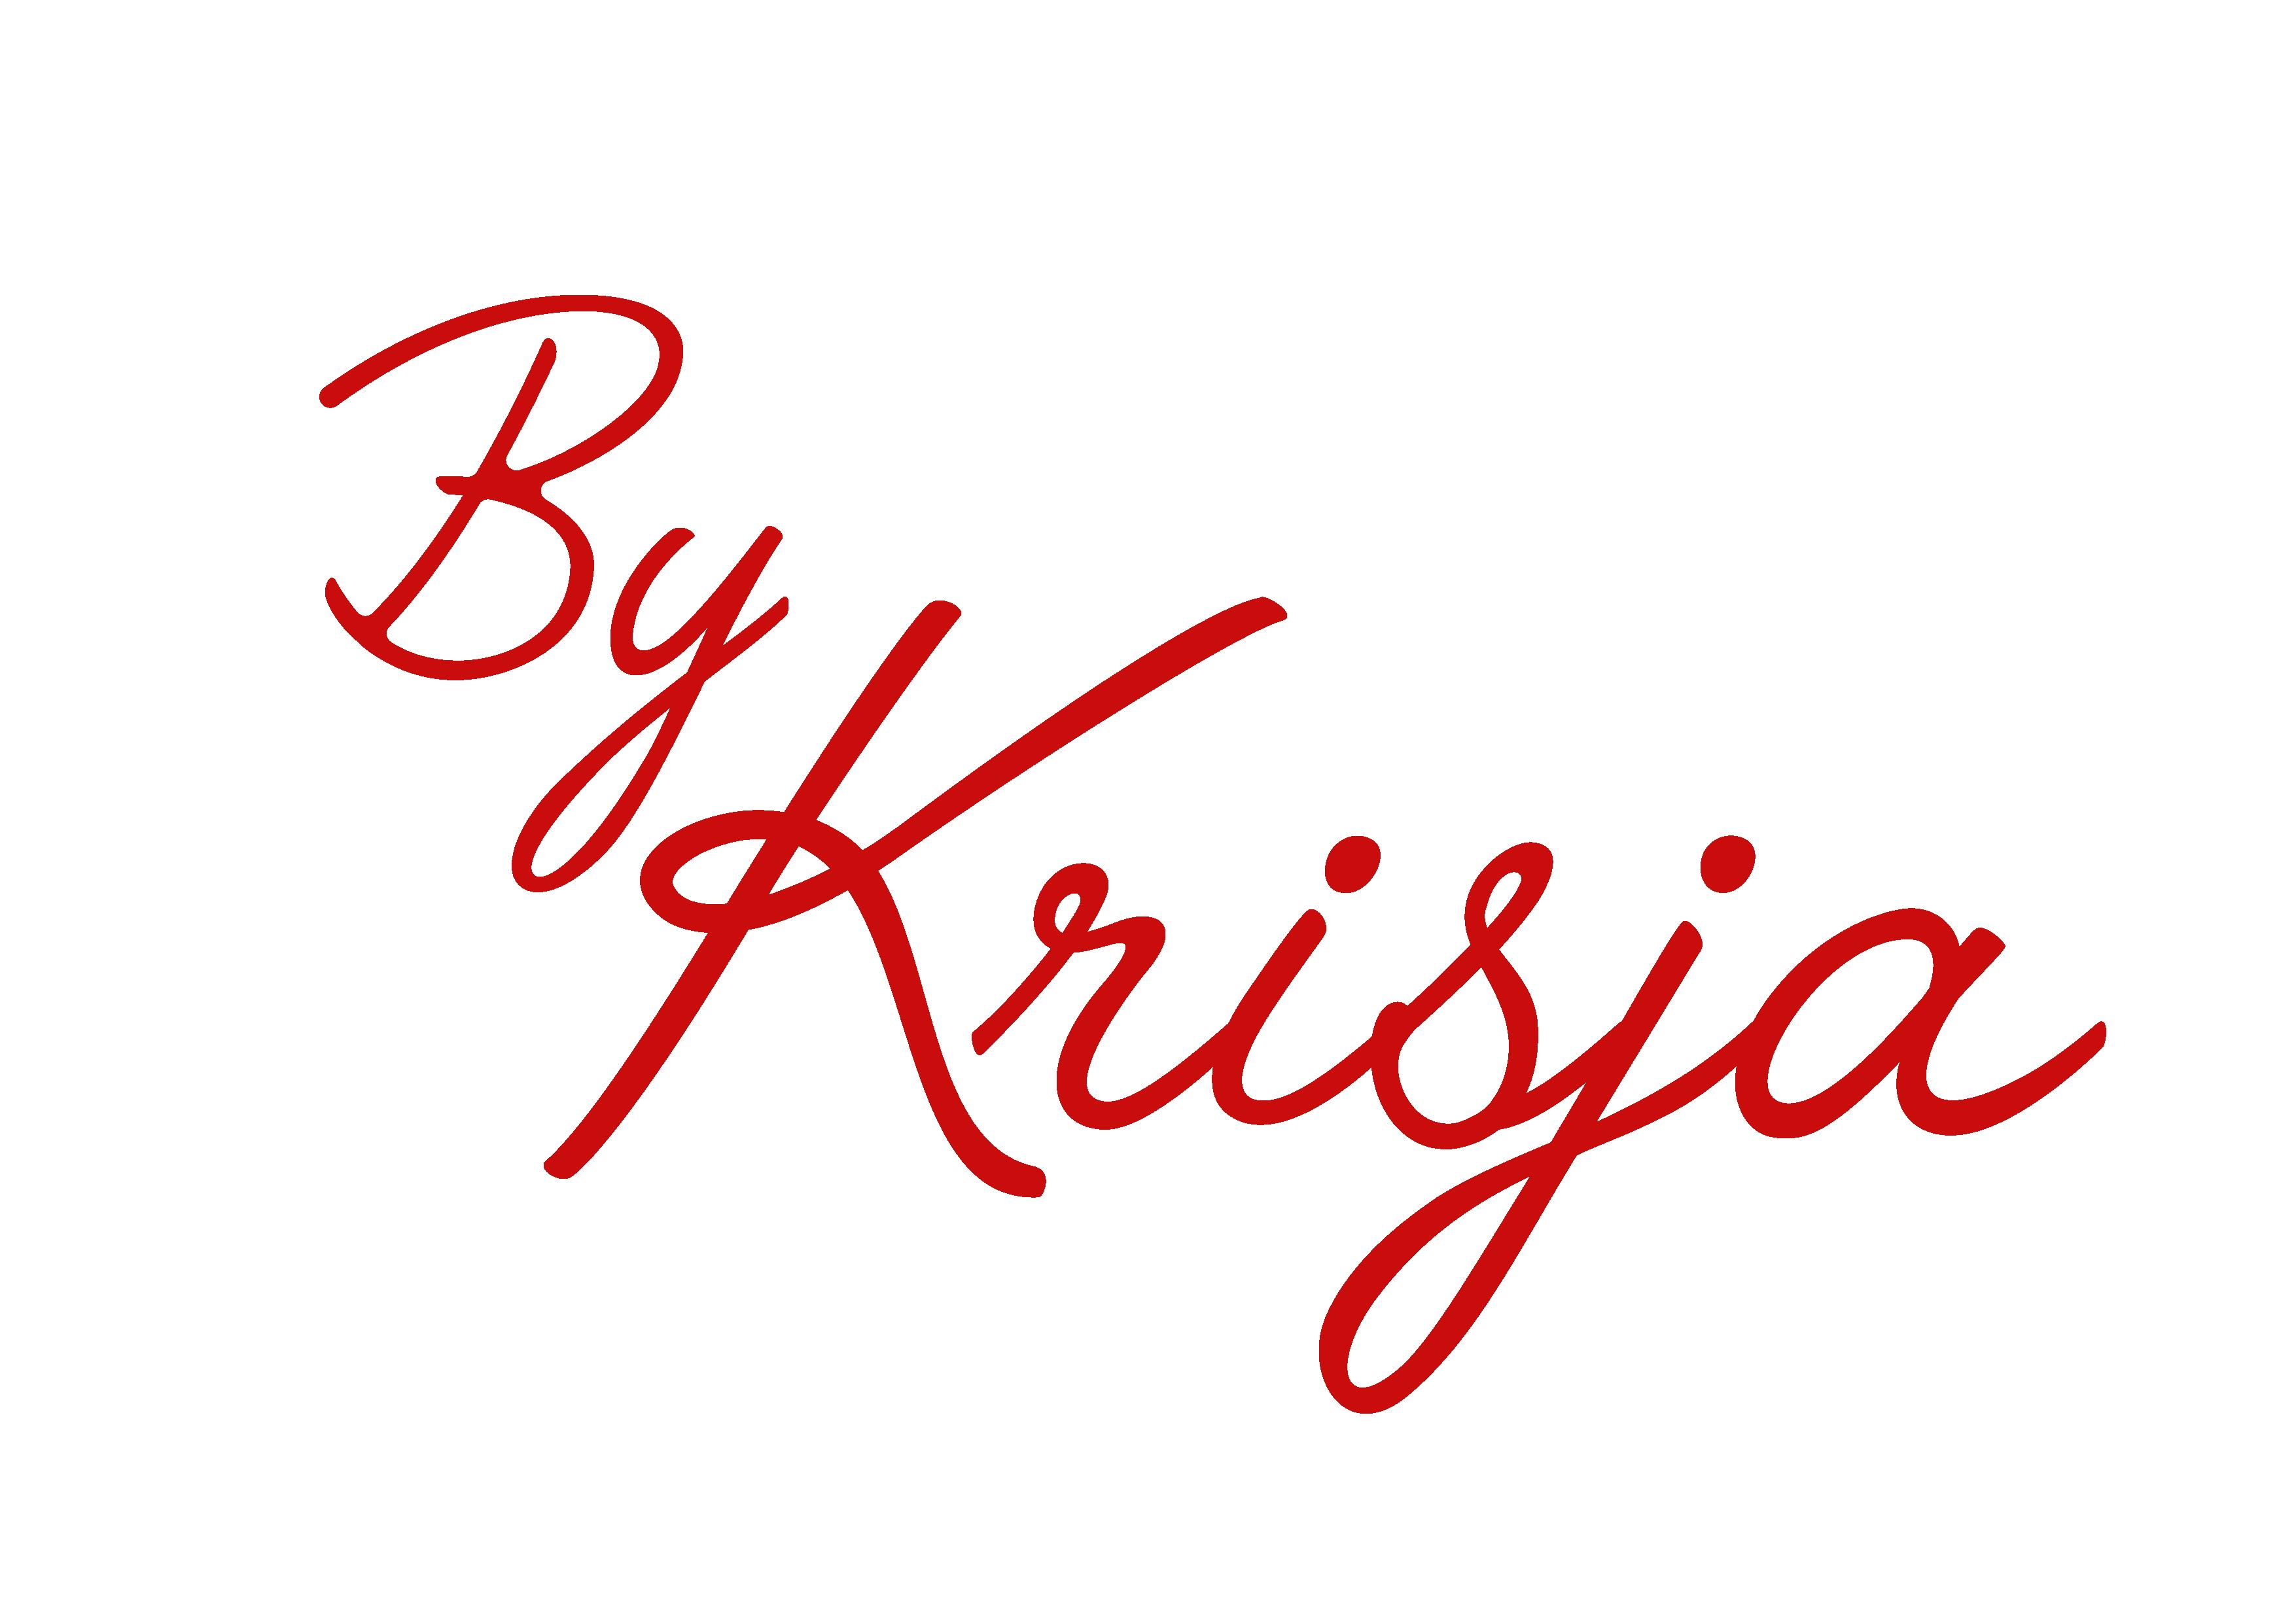 By Krisja